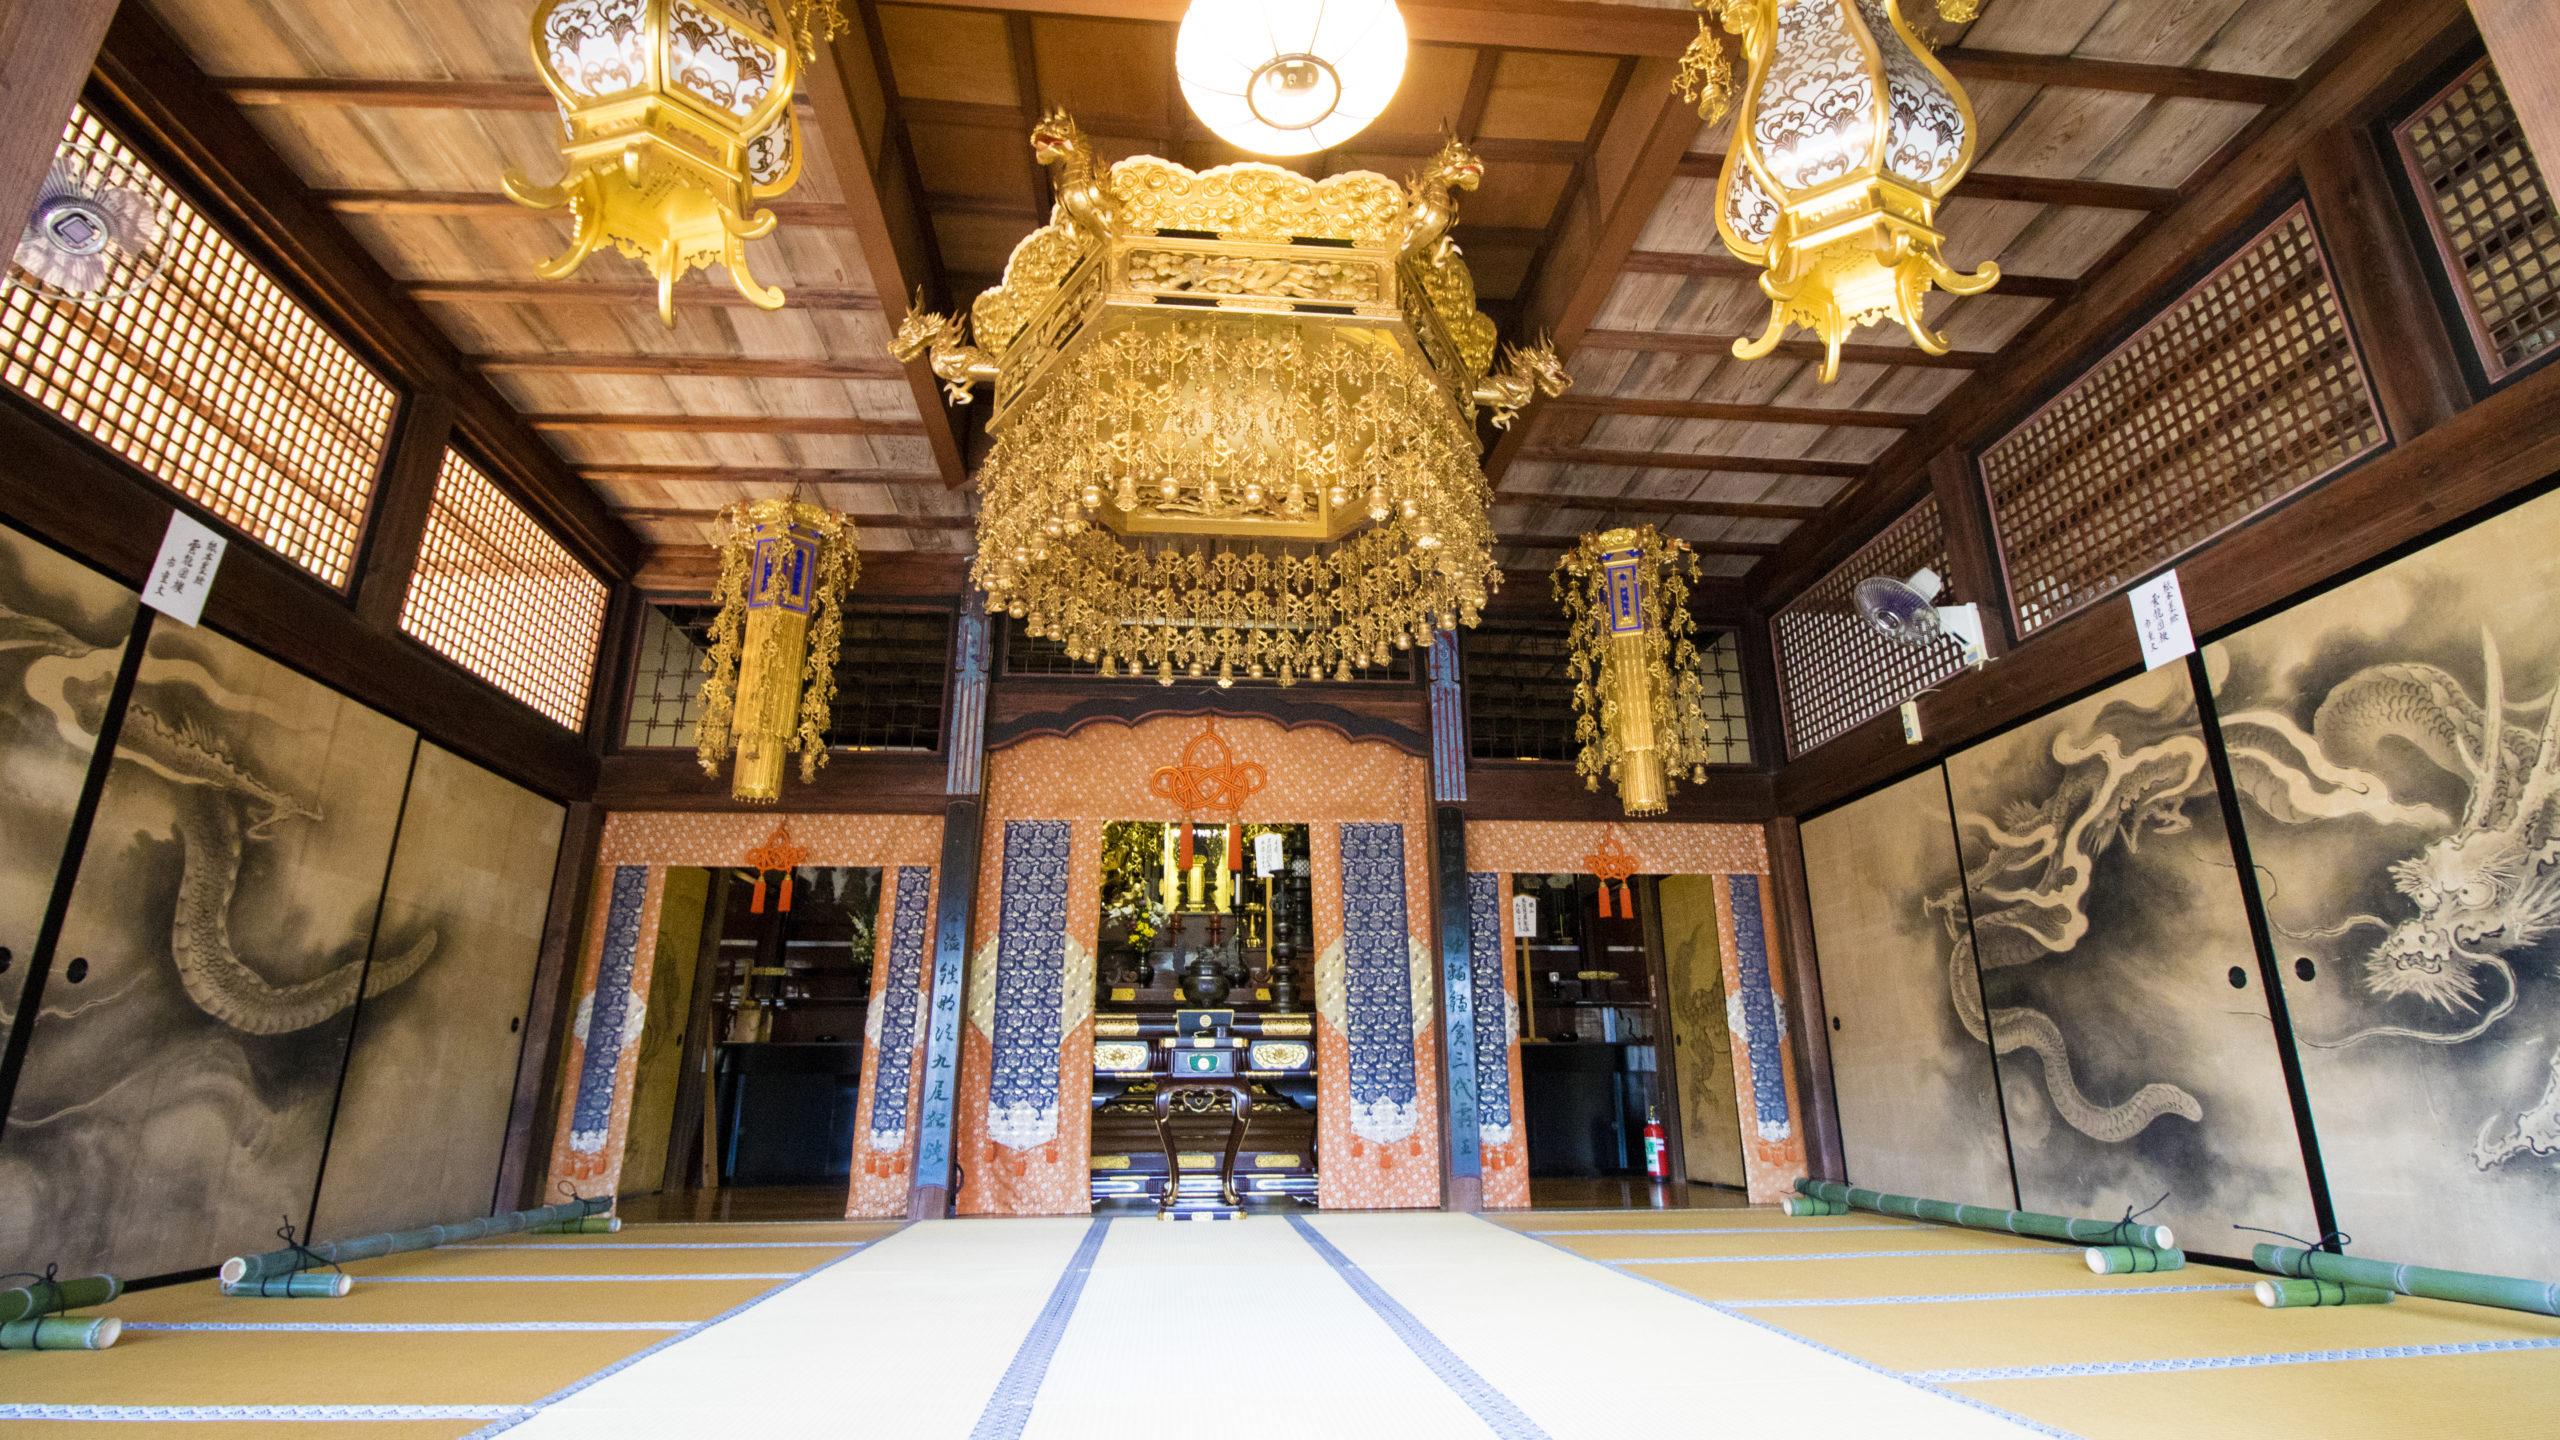 横須賀 満昌寺様 御堂